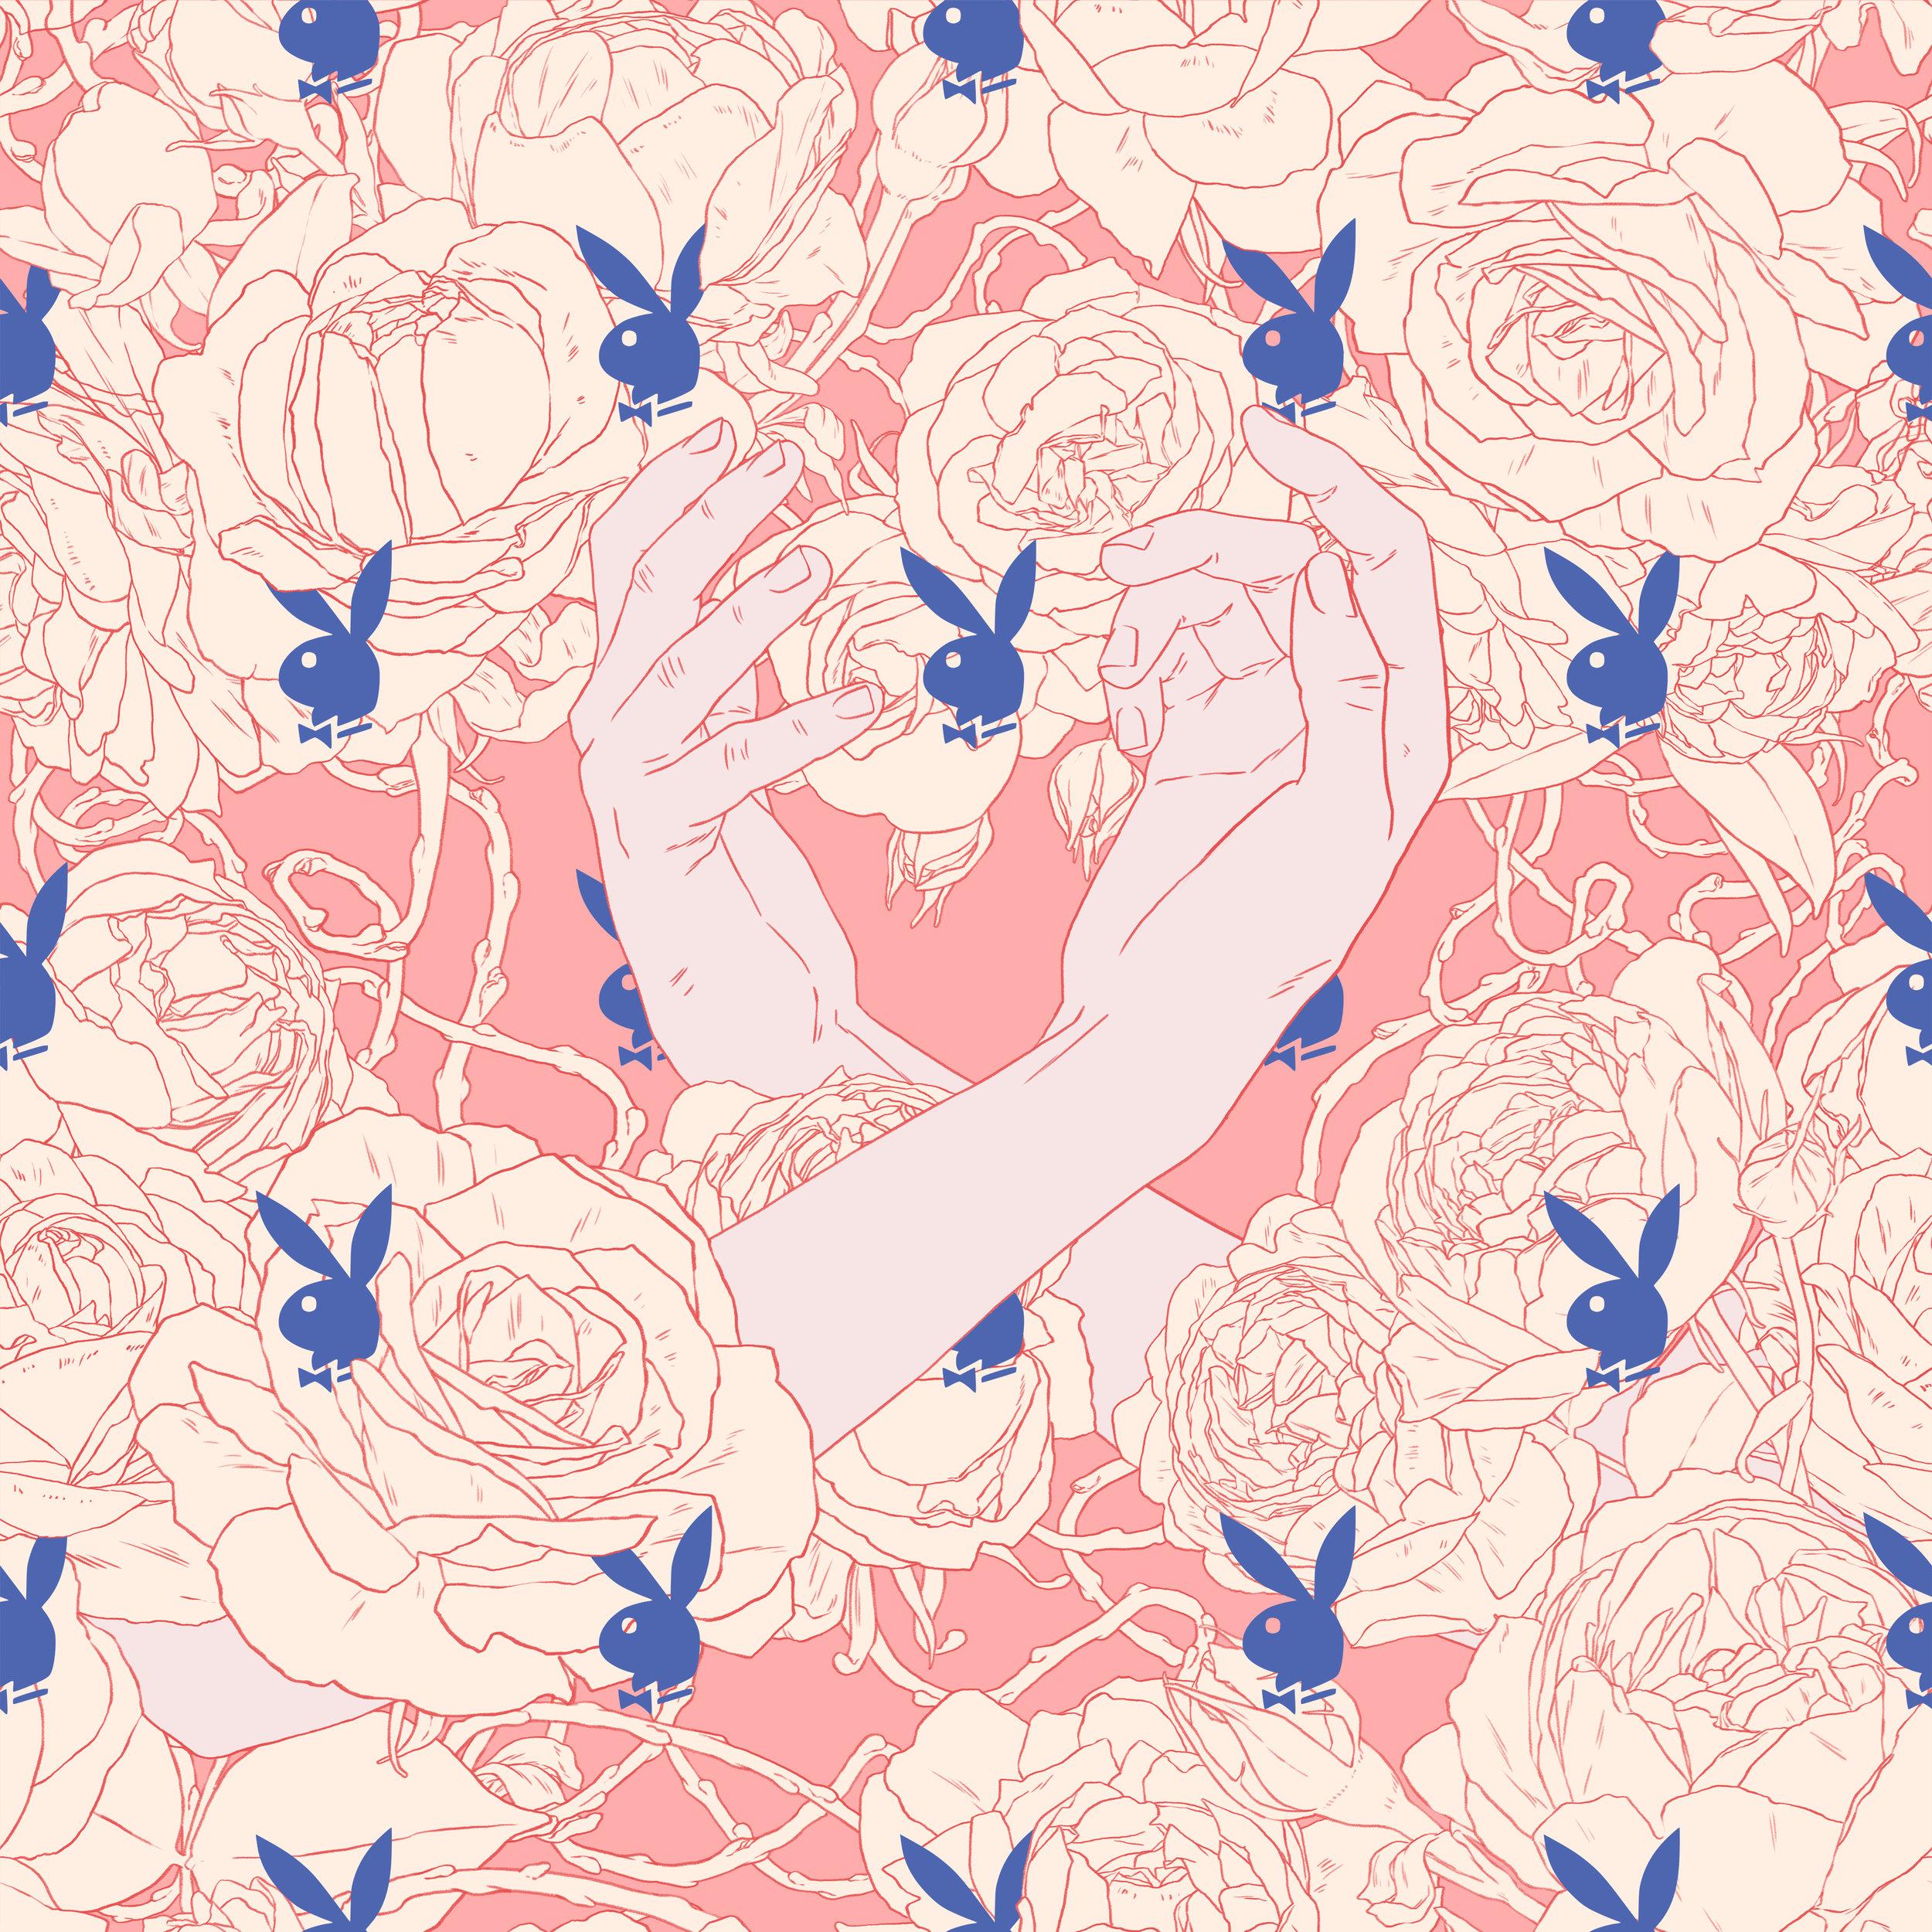 Listen Up_Bunny Ears_12x12.jpg